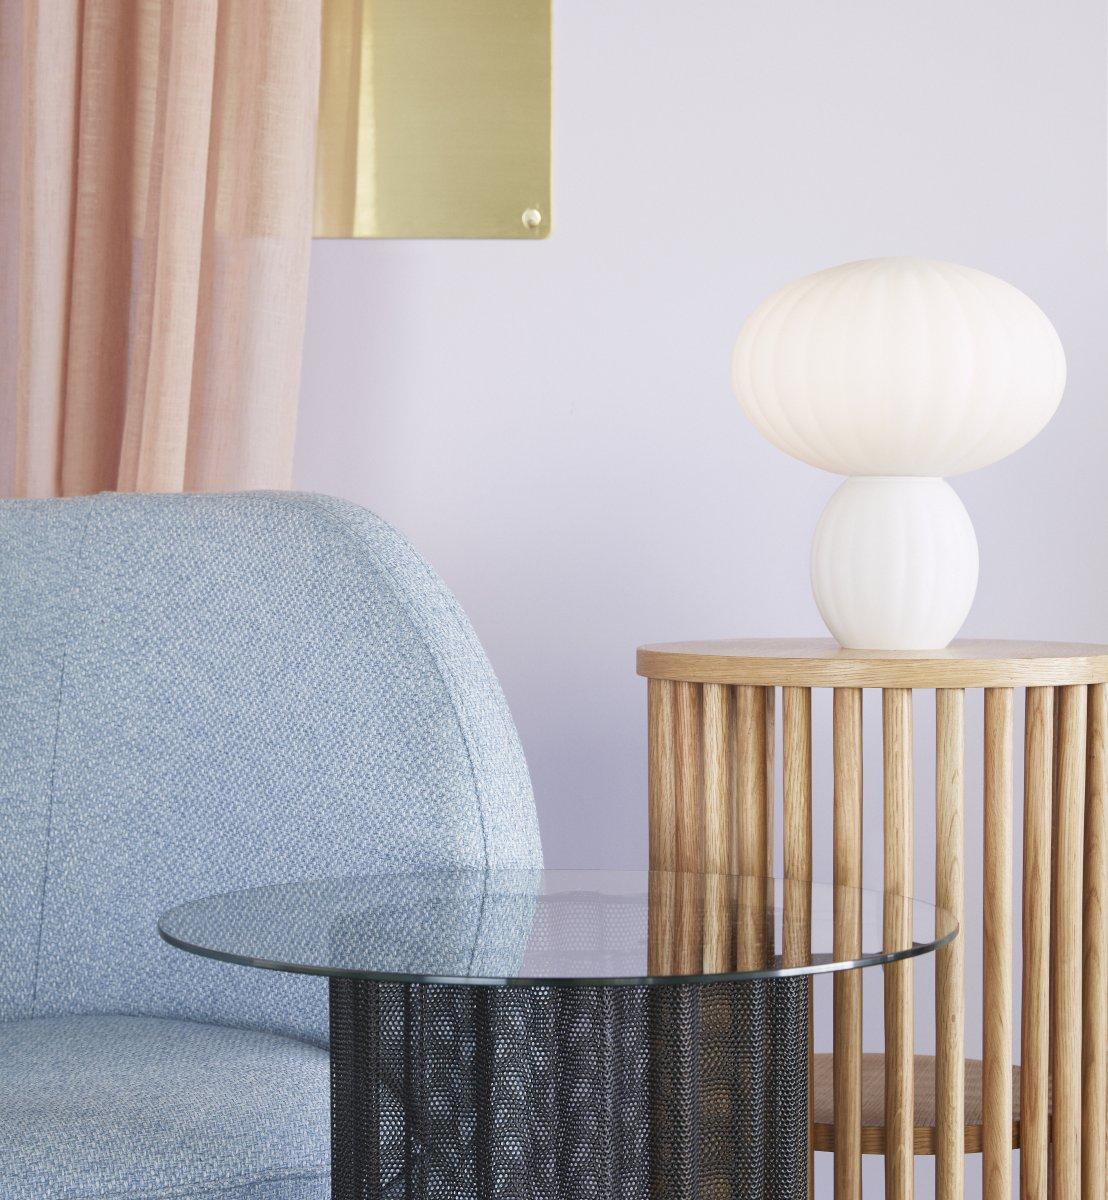 Lampe opal blanche 150€ chez Inspiration Design à Colmar